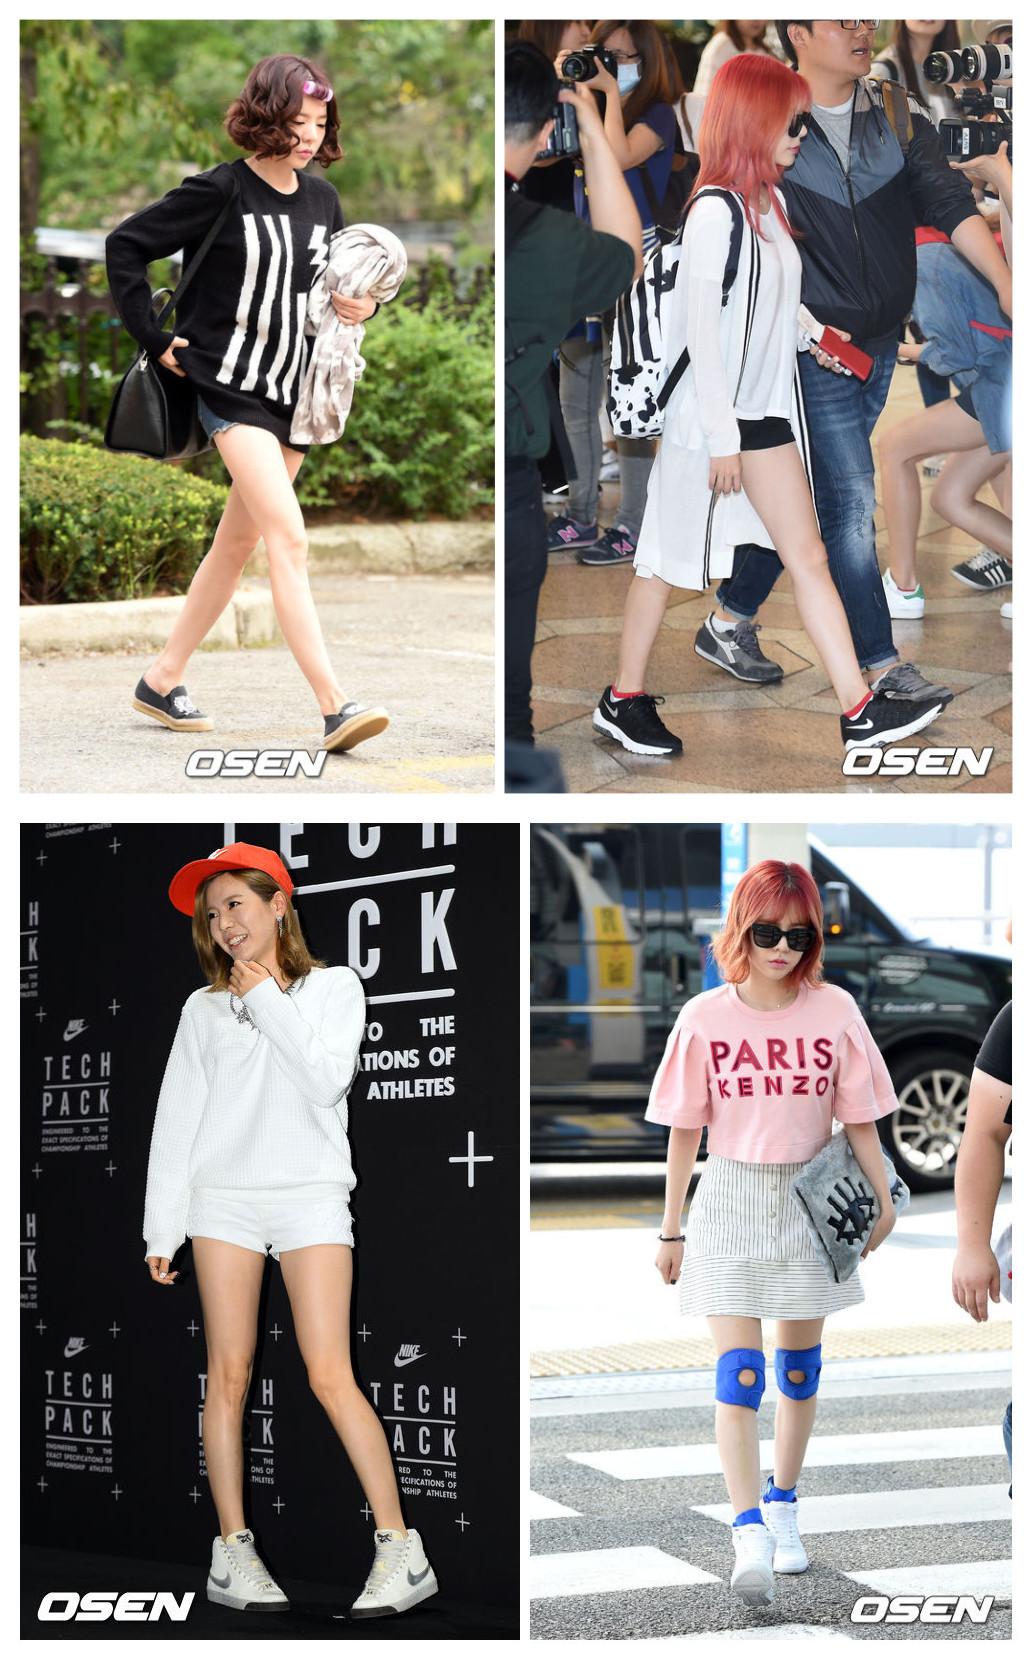 作為少時中最懶得打扮的成員,Sunny最喜歡的就是簡單的運動風,隨便抓起一件T和一條短褲,踩上運動鞋就可以出街了,而在眾多的運動鞋中,黑白兩色是Sunny私服中出鏡率最高的!